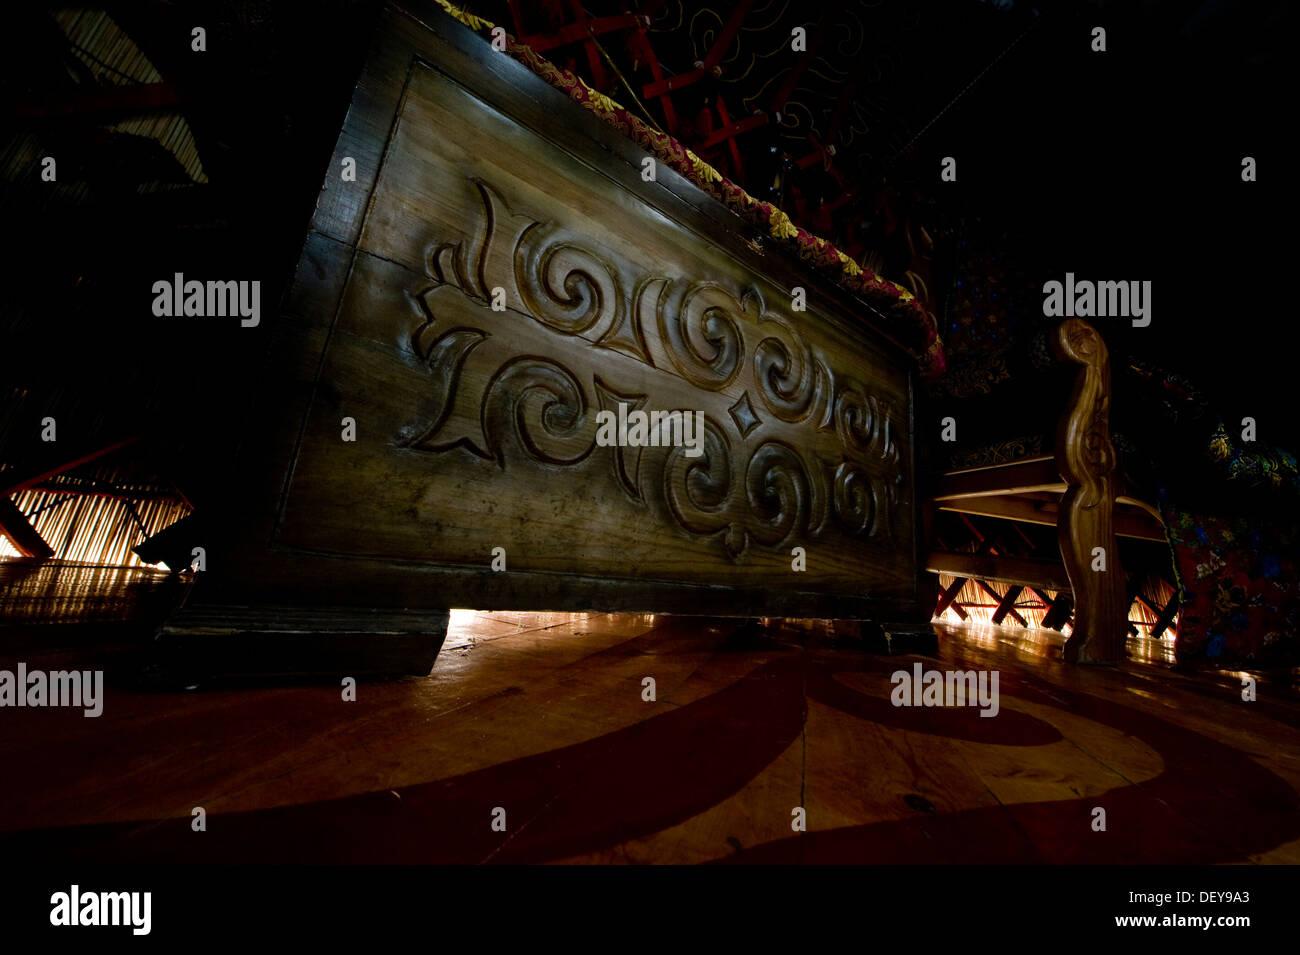 Ein kunstvoll geschnitzten Kofferraum untergebracht in einer Jurte im Transit Center am Manas, Kirgisistan, 23. September 2013. Der Transit Center Jurte spiegelt die Traditionen der kirgisischen Kultur, wo die Stämme in Jurten, symbolisieren den Reichtum einer Familie platziert werden. Stockbild